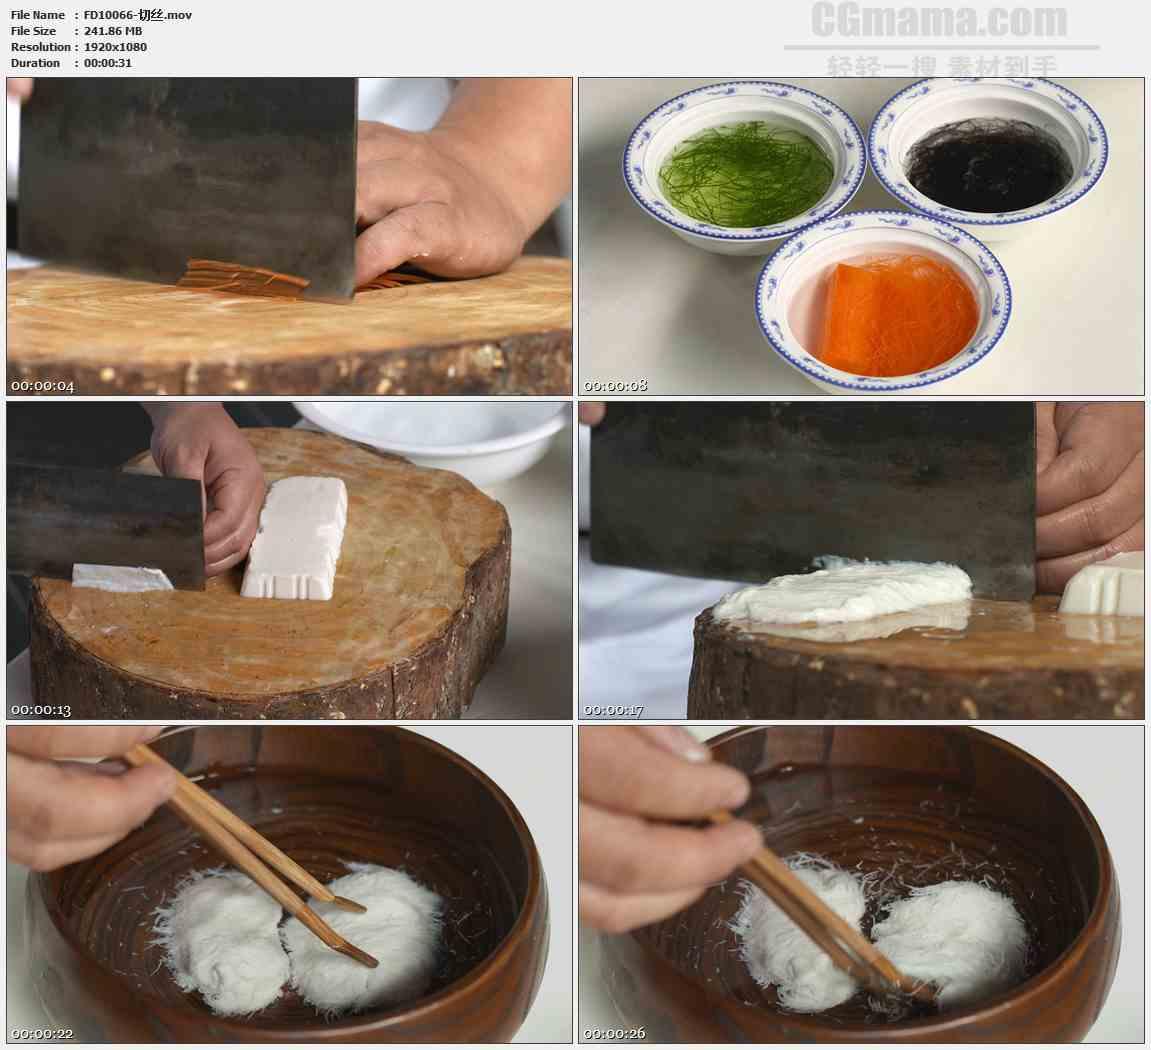 FD10066-传统刀工切丝胡萝卜丝莴苣丝豆腐丝高清实拍视频素材